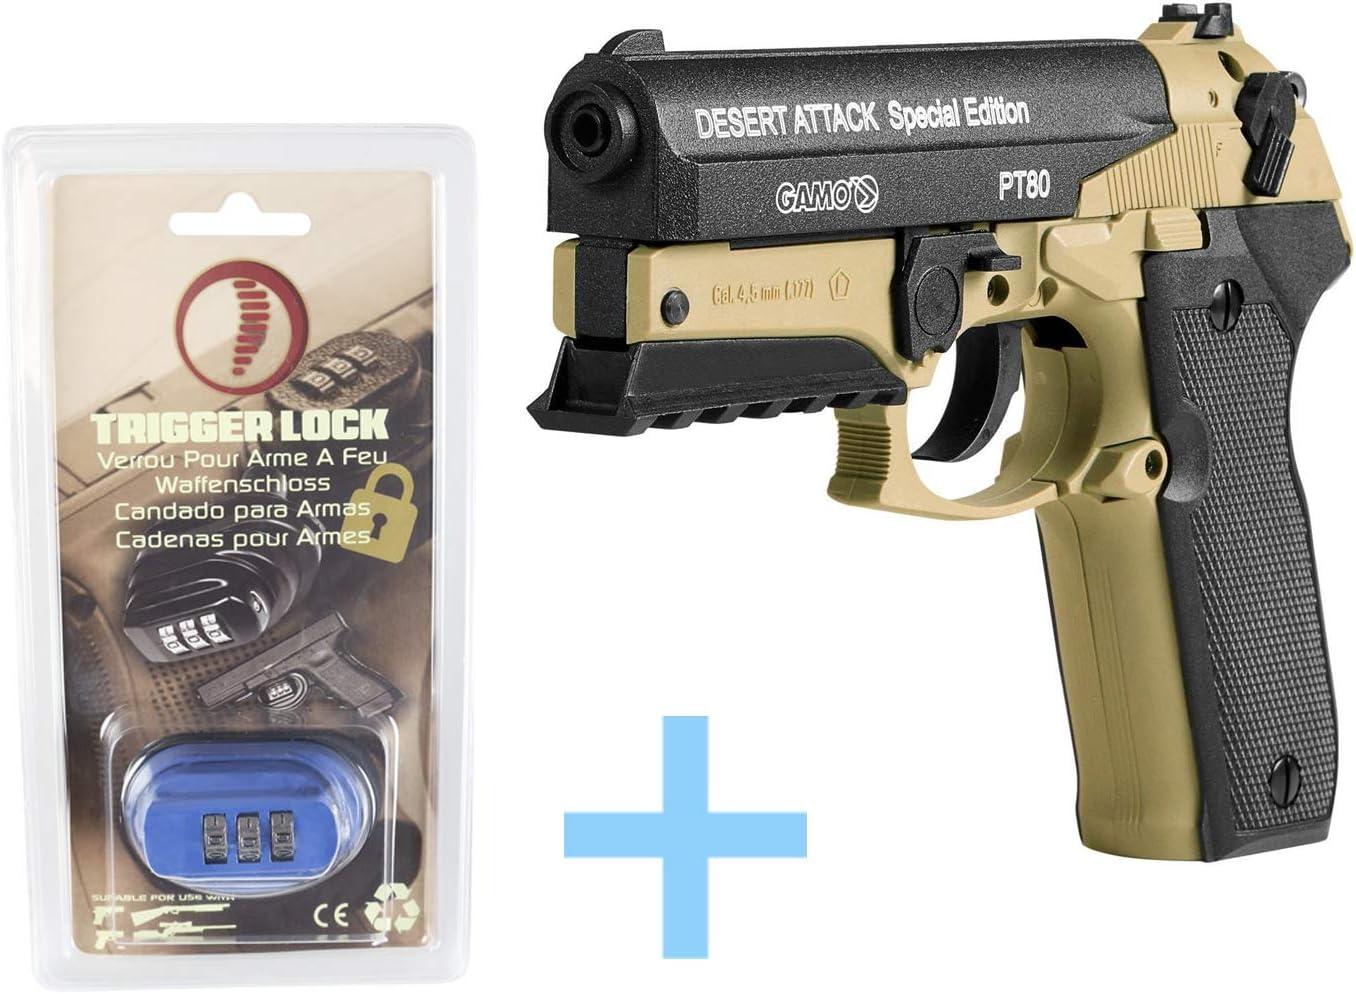 Gamo Pack Pistola Aire comprimido (CO2) PT-80 Desert Attack Edición Especial, Pistola perdigones, Potencia 3 Julios, Calibre 4,5 mm + Balines Match (250 uds) + Bombona CO2 + Candado Seguridad Yatek.